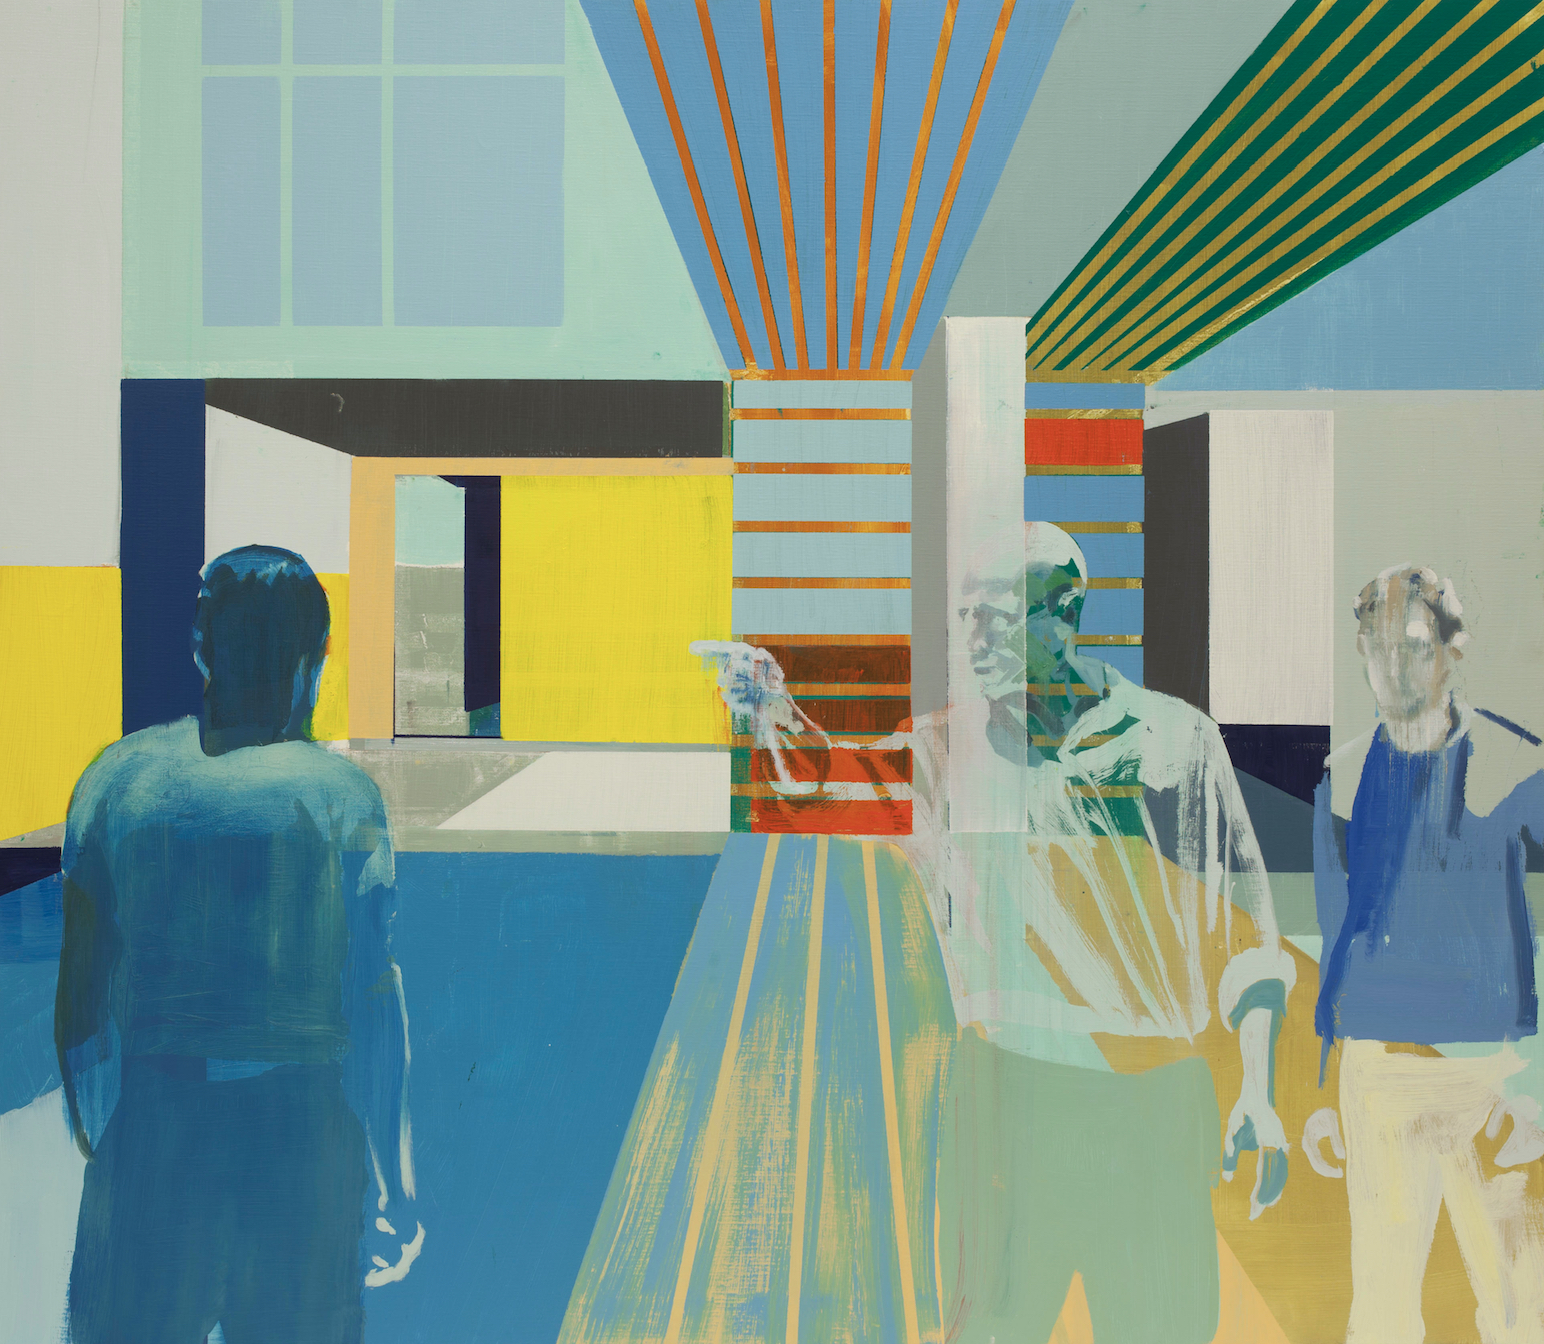 Kenneth Blom  (B. 1967)  Tiger , 2019 Oil on canvas 55 x 63 inches 140 x 160 cm